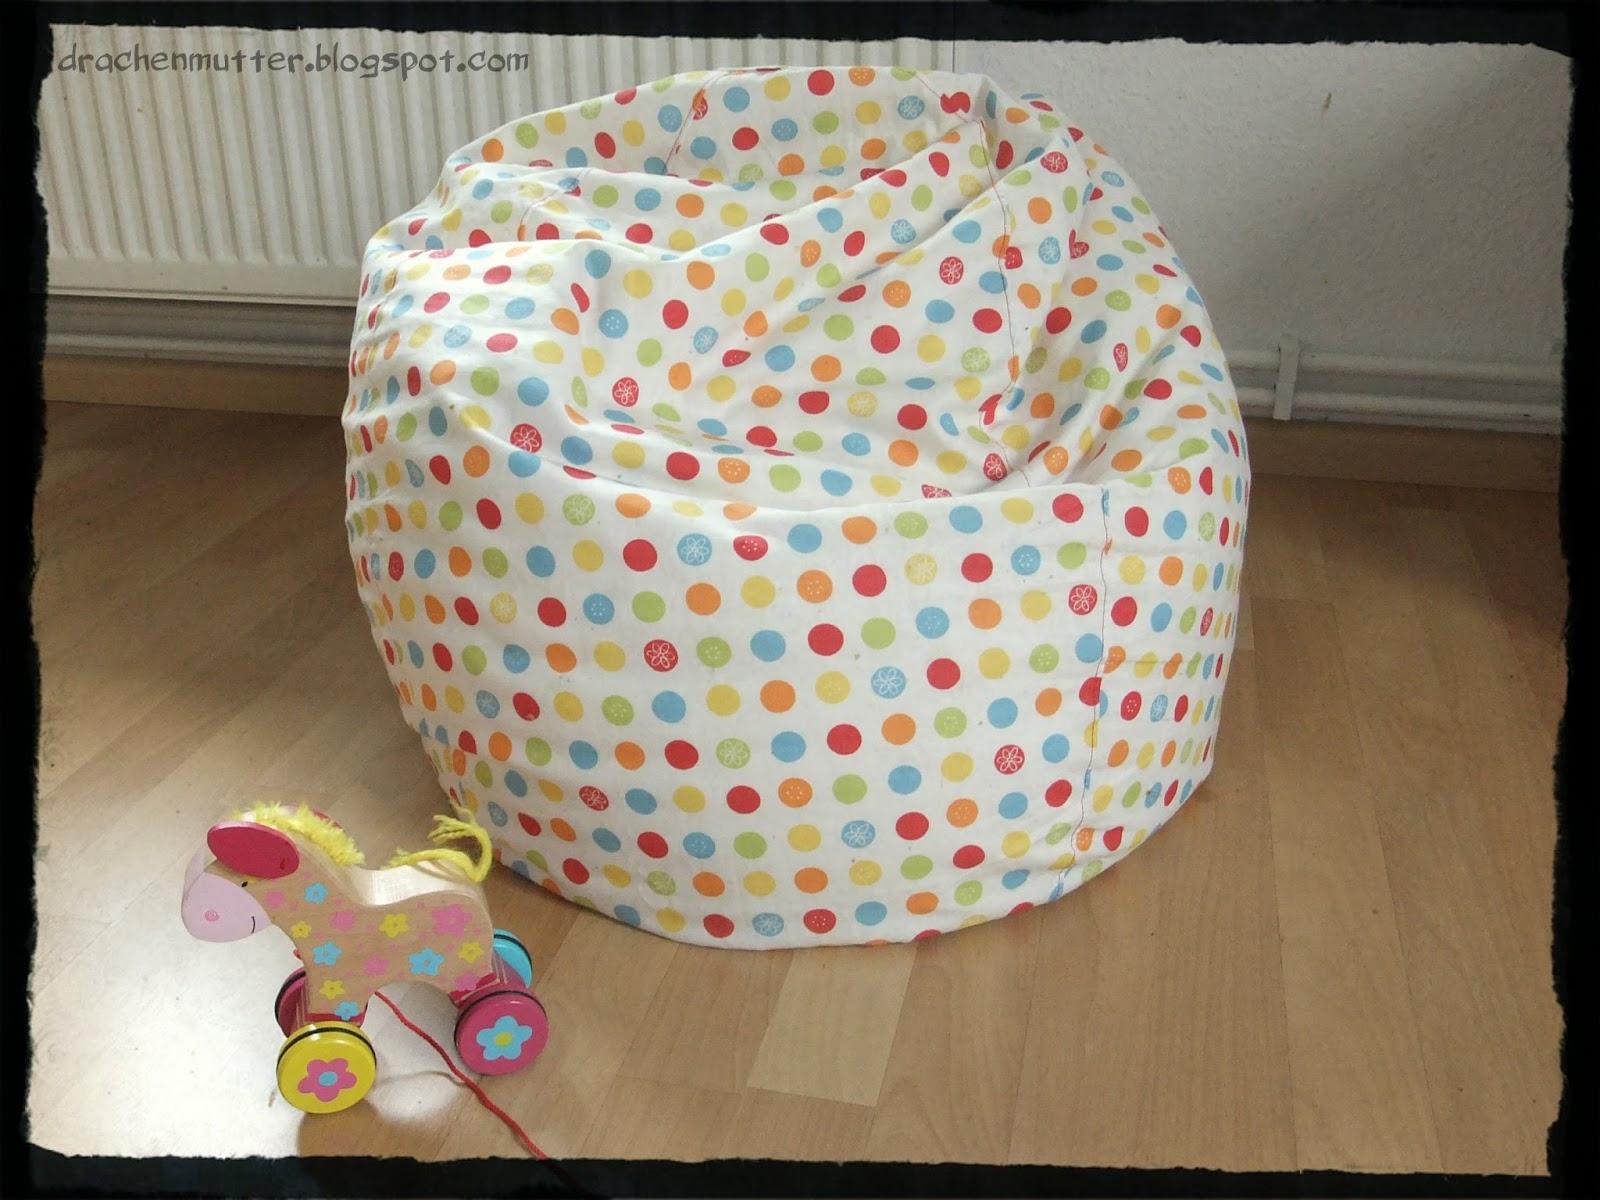 Mustard Yellow Bean Bag Chair Lounge Drachenmutter Sitzsack Oder Quotbean